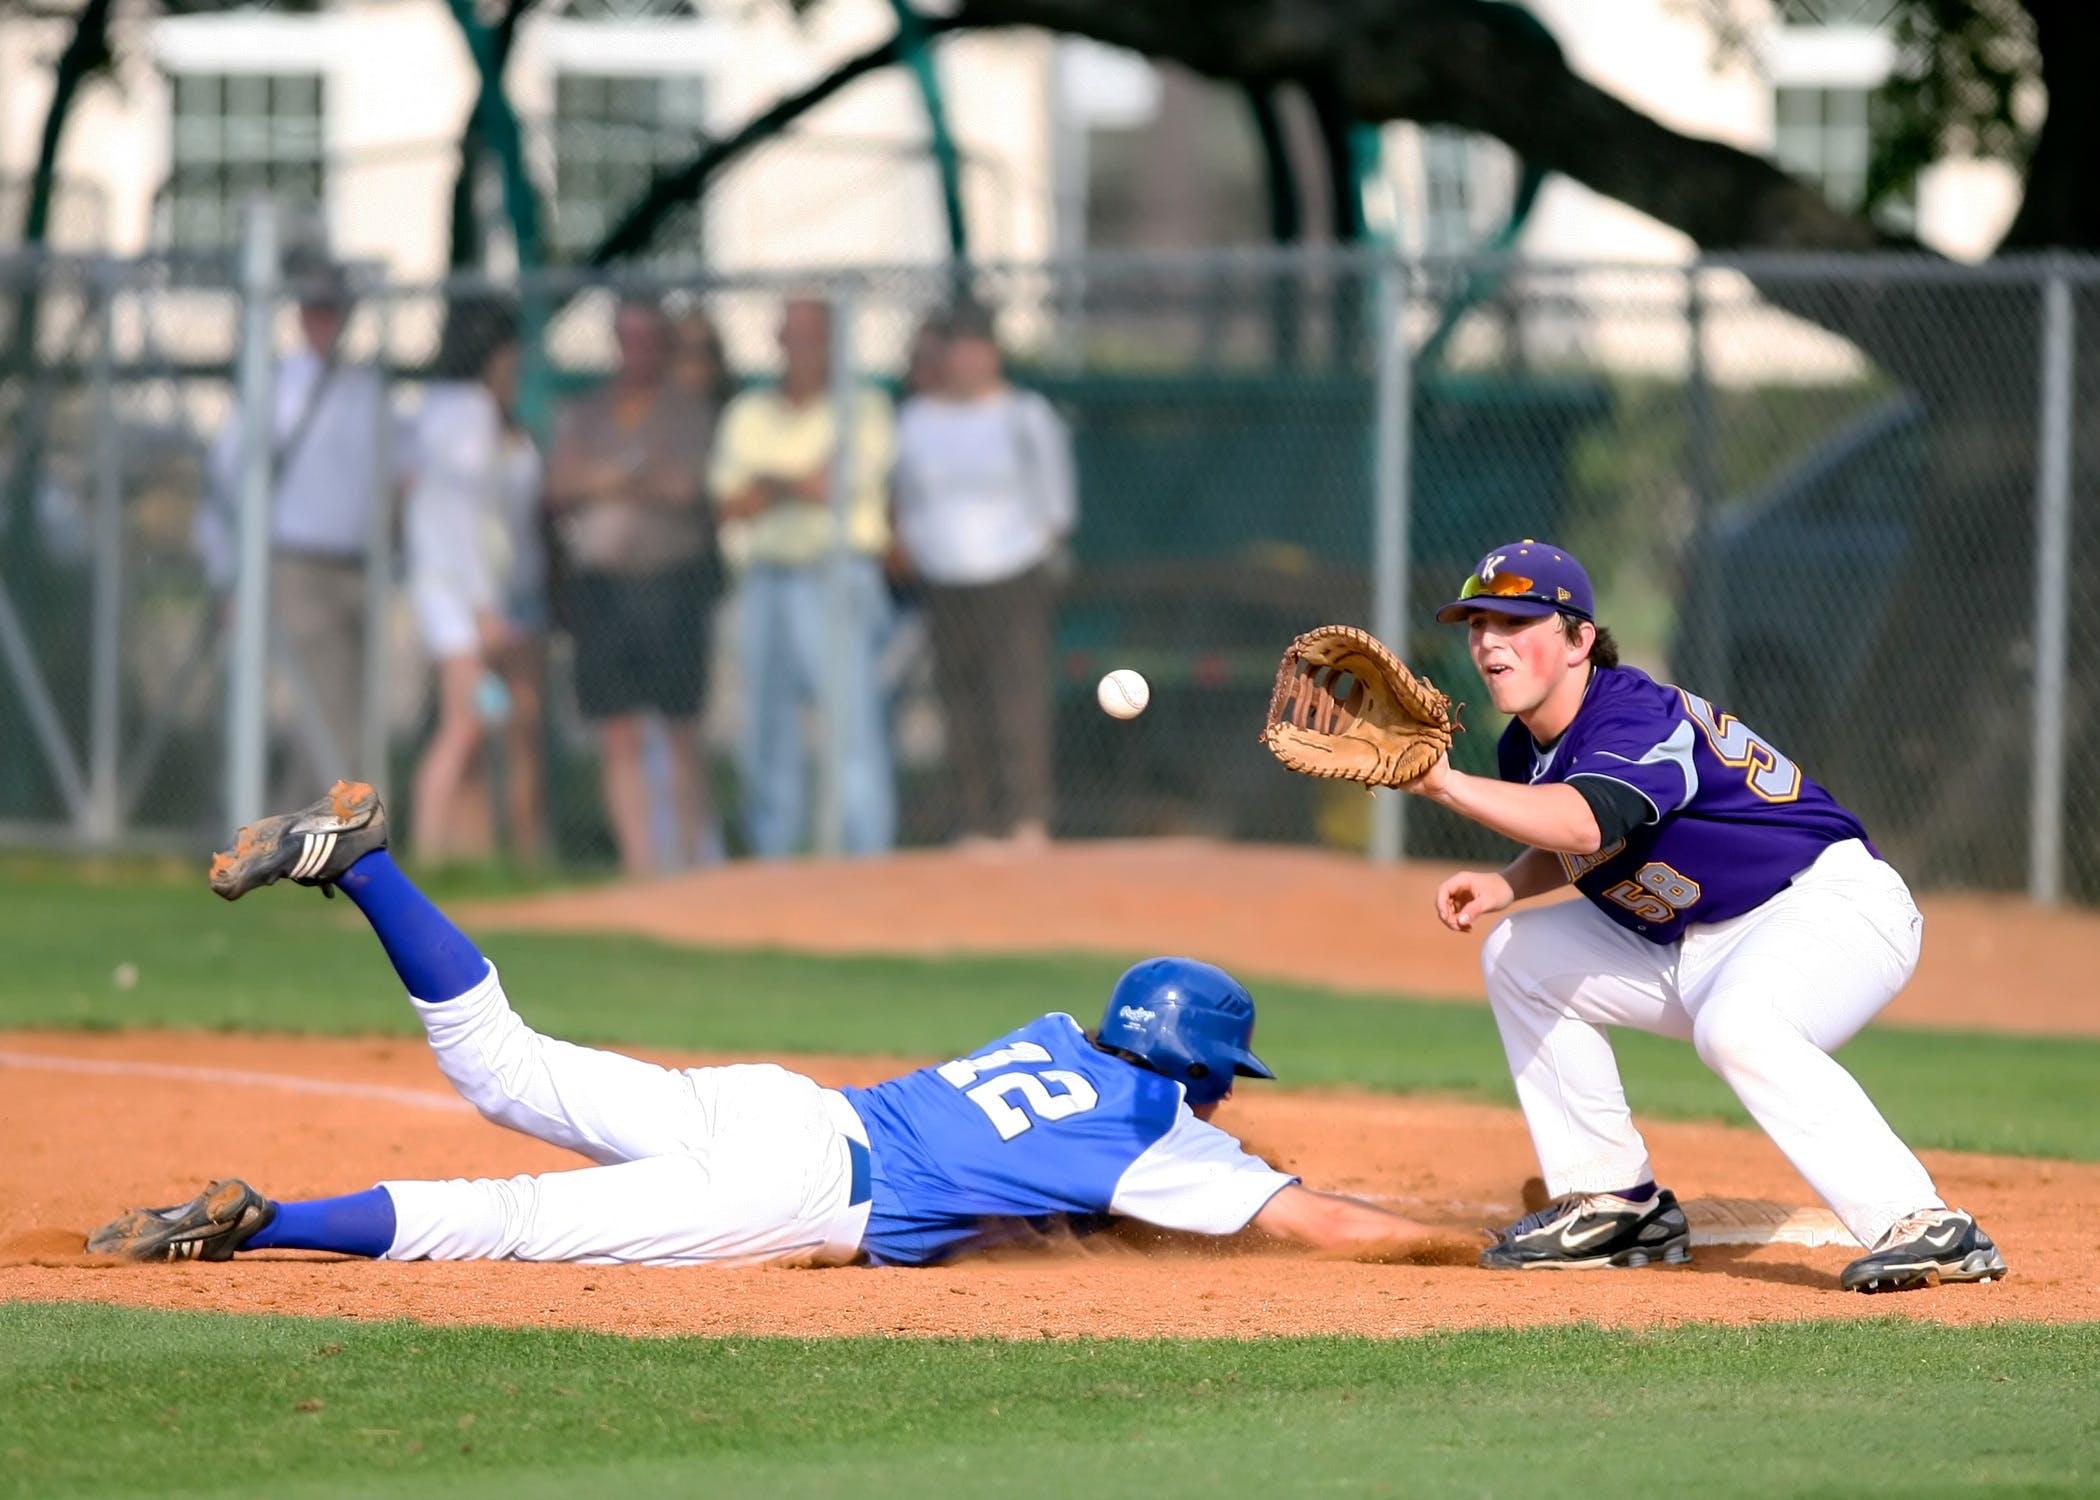 Kostnadsfri bild av baseboll, basebollspelare, boll, enhetlig